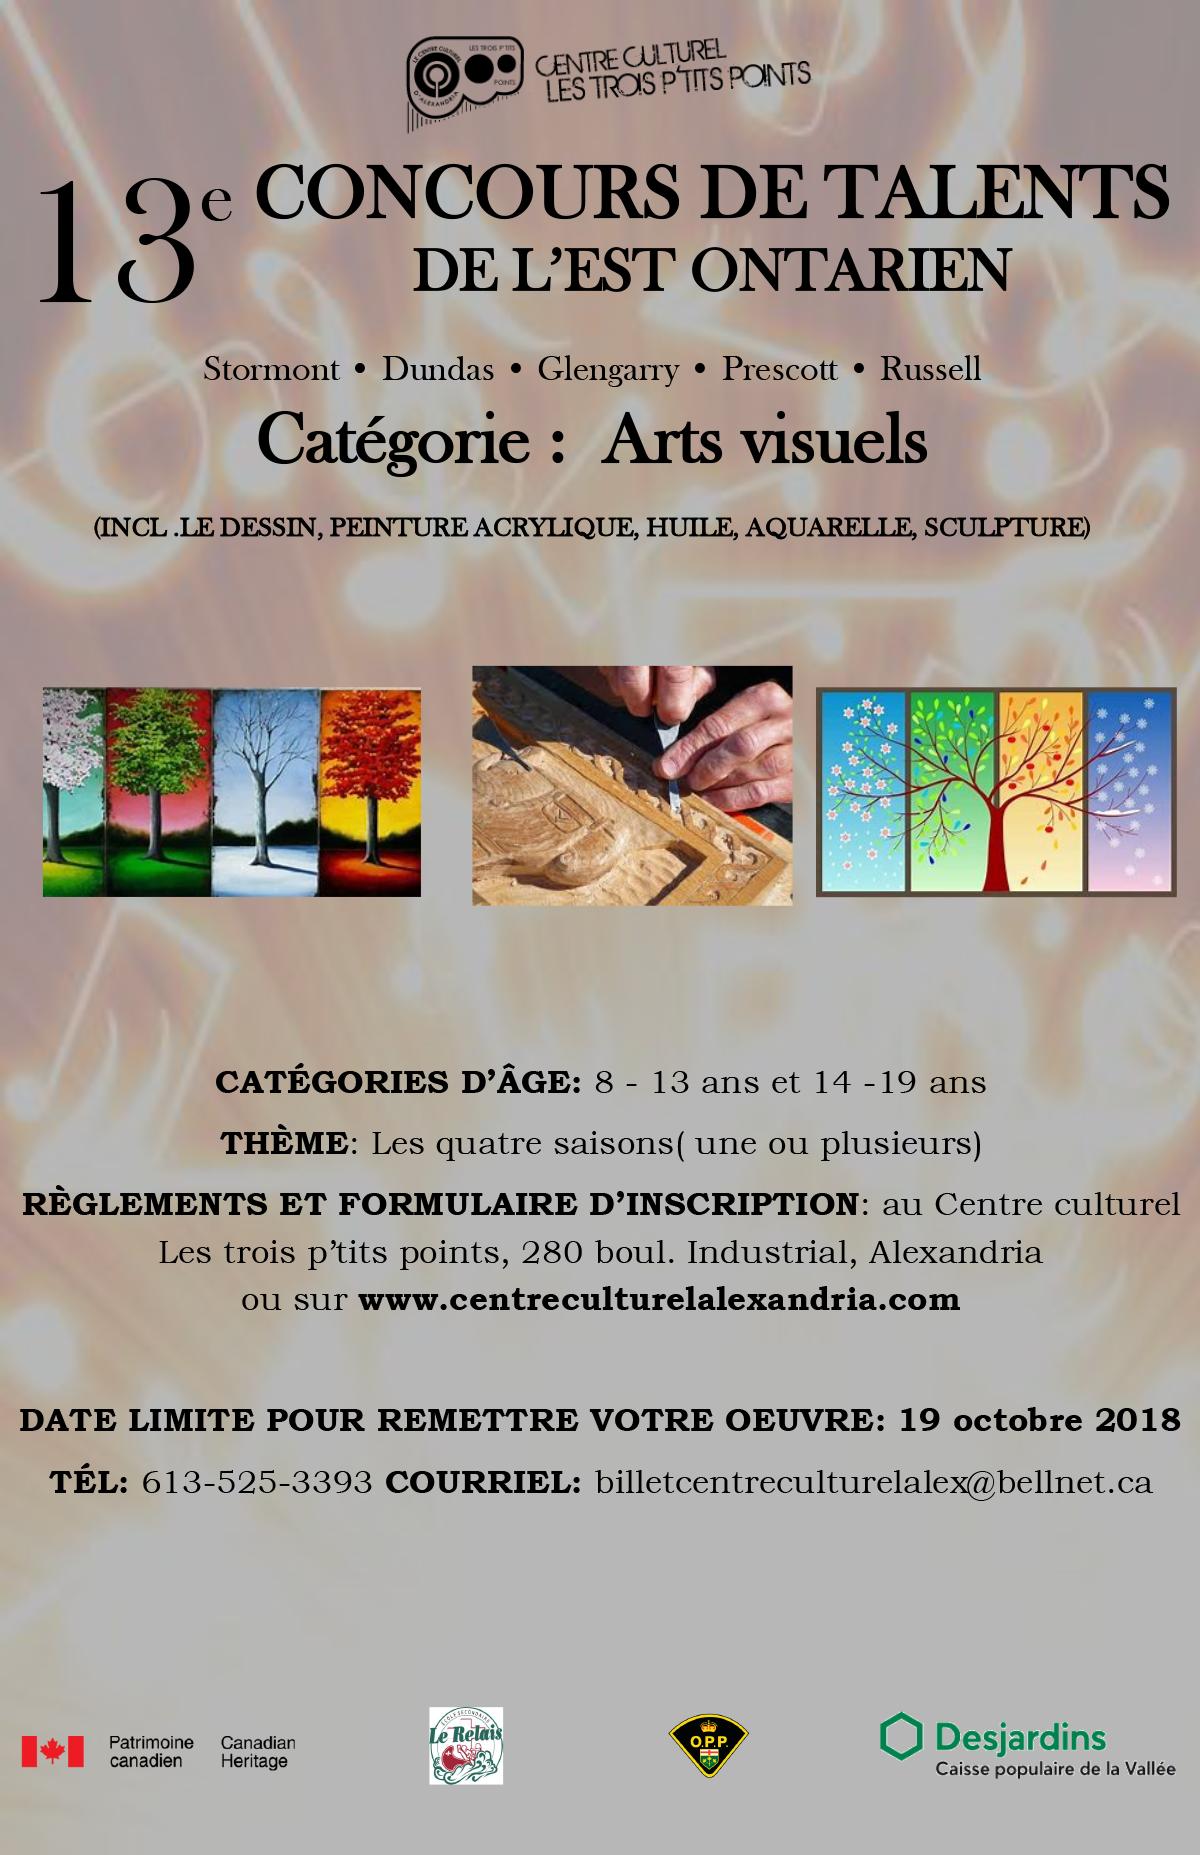 Affiche-arts-visuels-2018---13e-concours-de-talents-2018-(2)-1.png